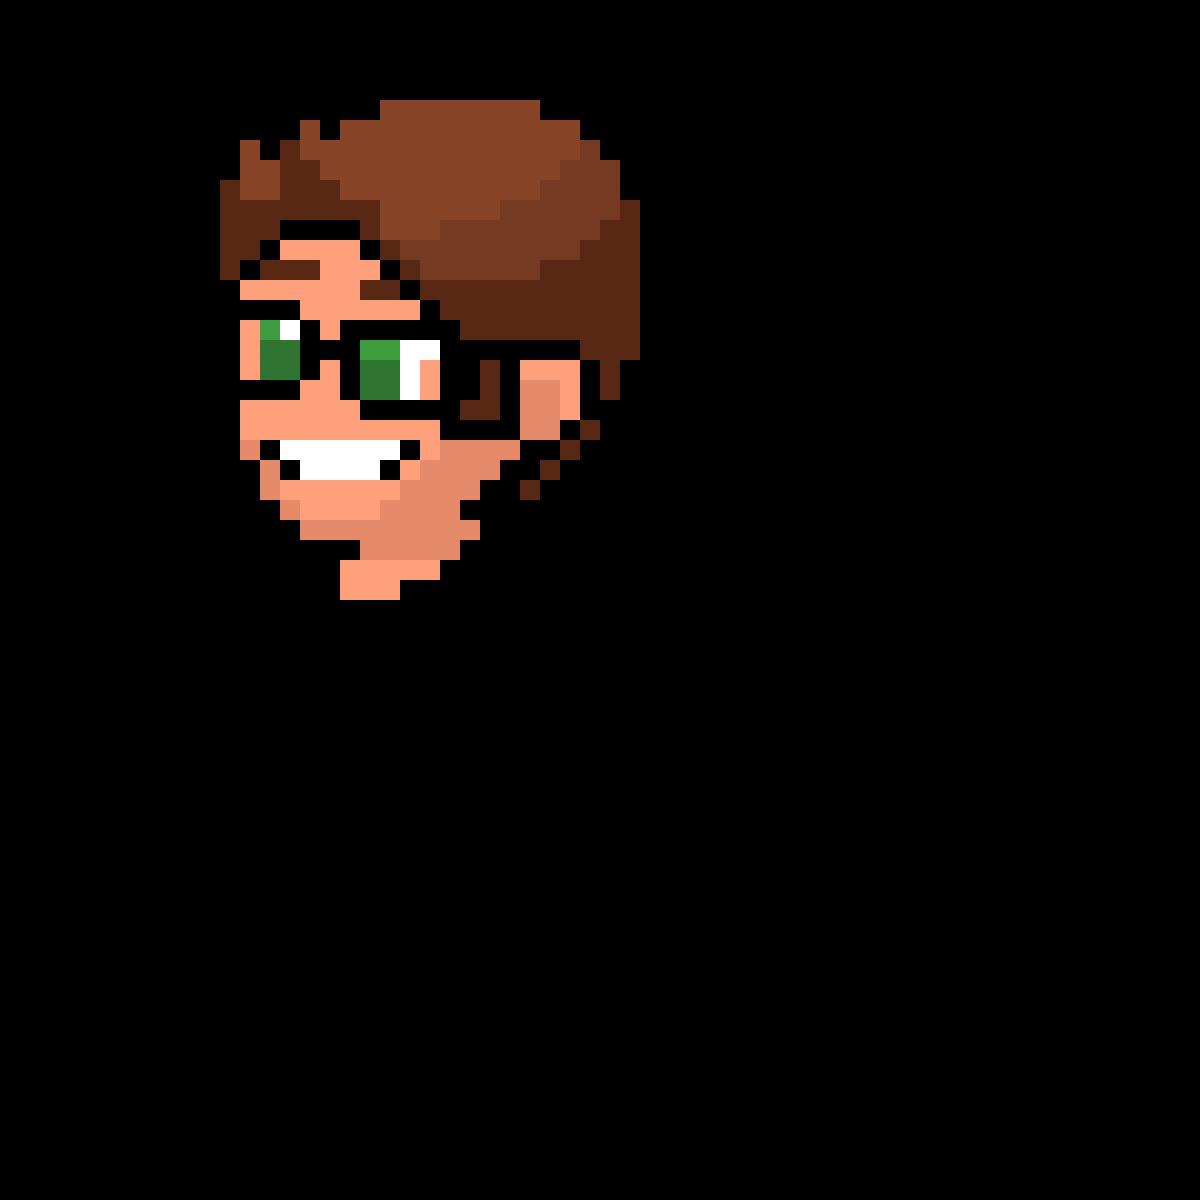 My oufit (PewDiePie's tuber simulator) by Pixelino